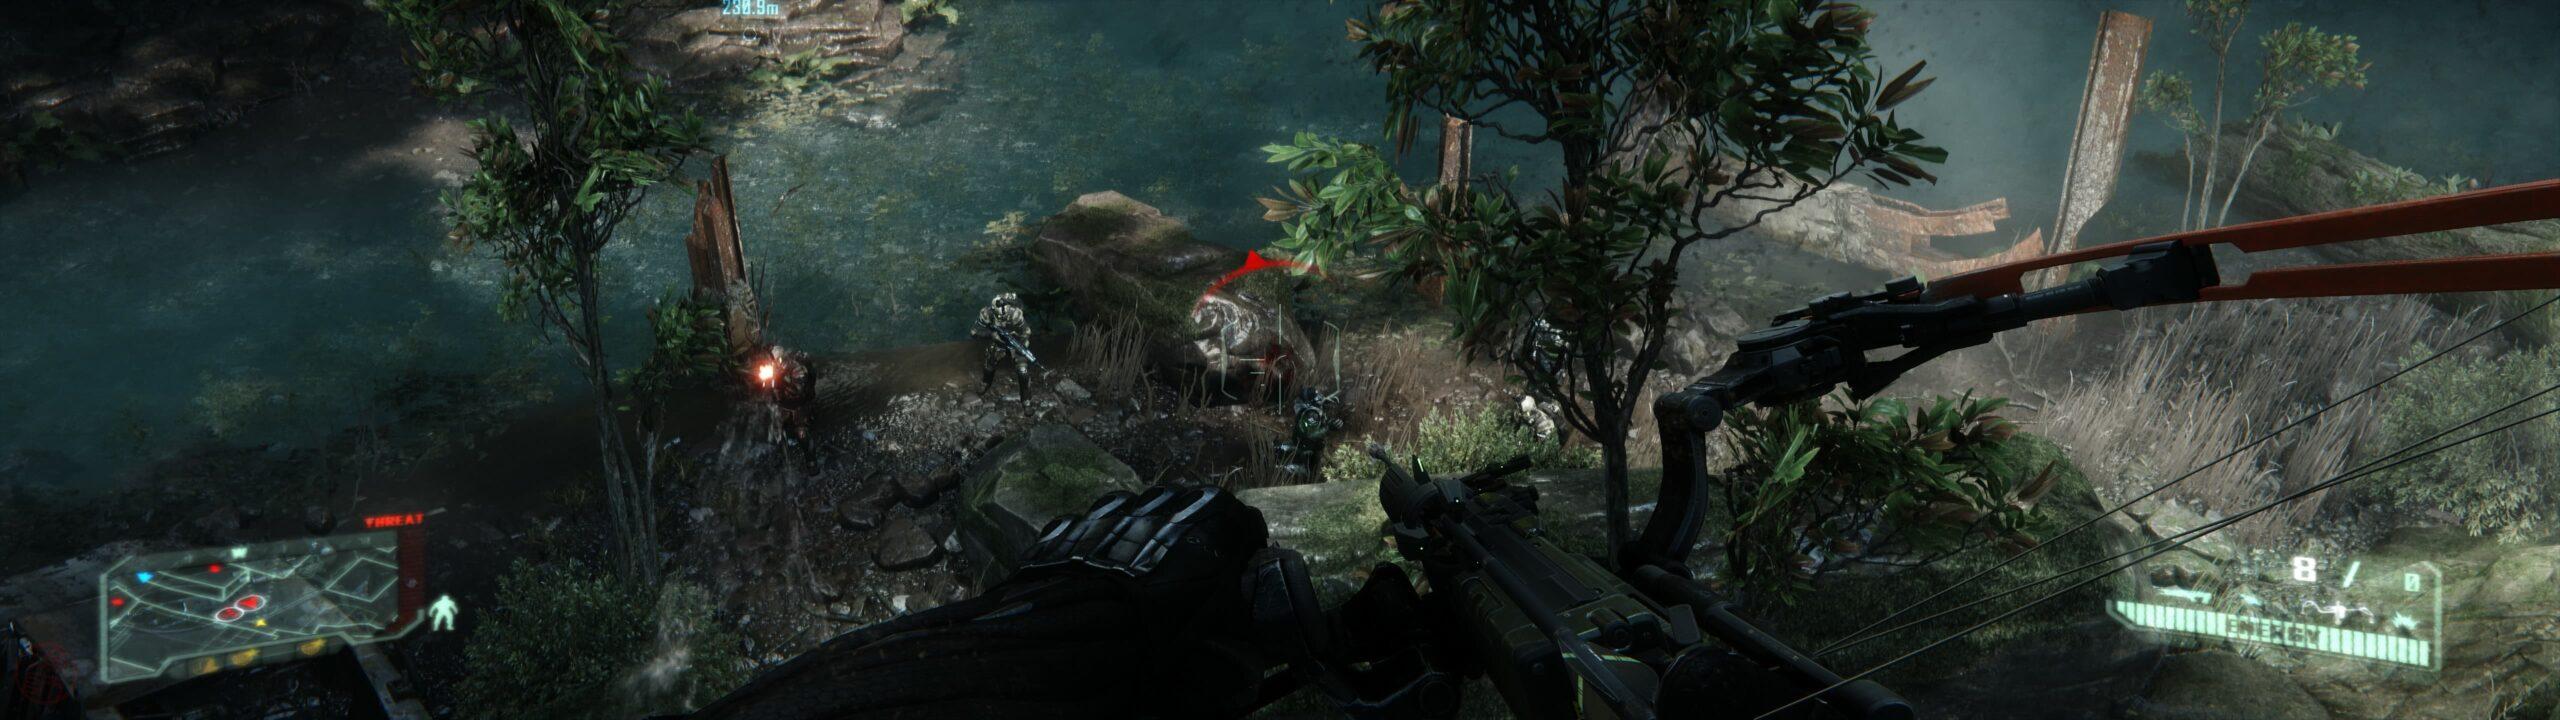 Crysis 3 (6)